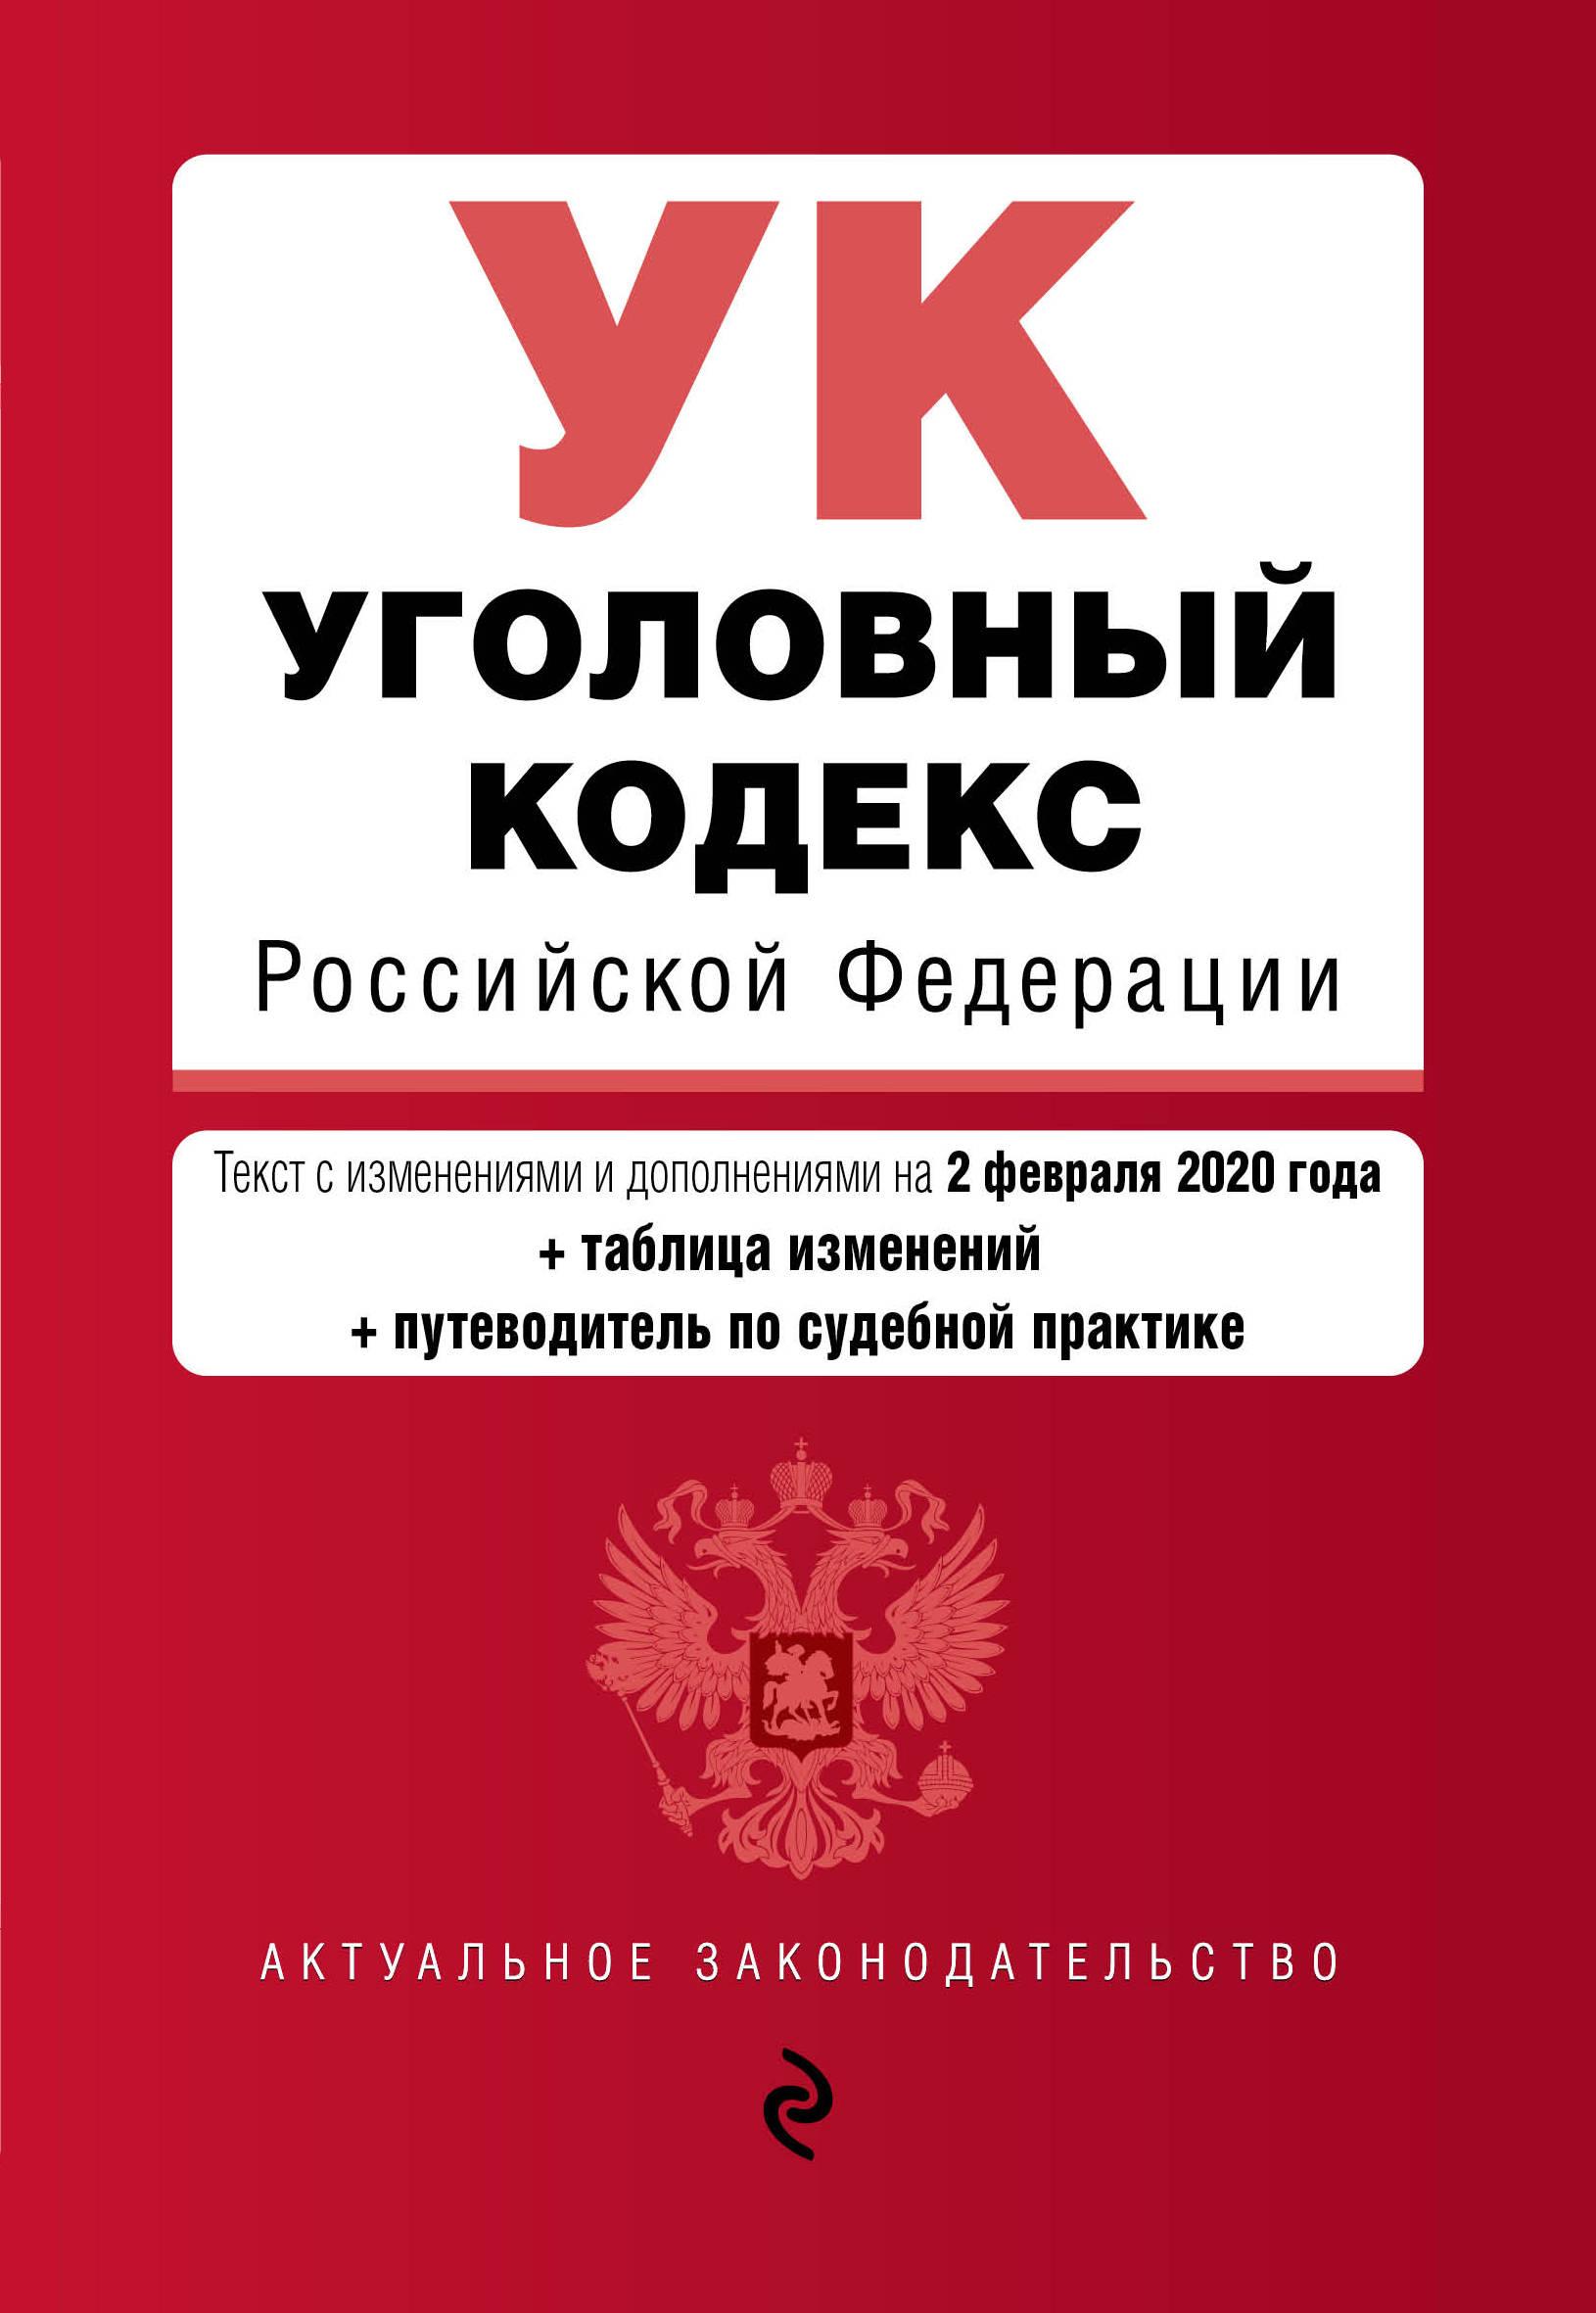 Уголовный кодекс Российской Федерации. Текст с изм. и доп. на 2 февраля 2020 года (+ таблица изменений) (+ путеводитель по судебной практике)